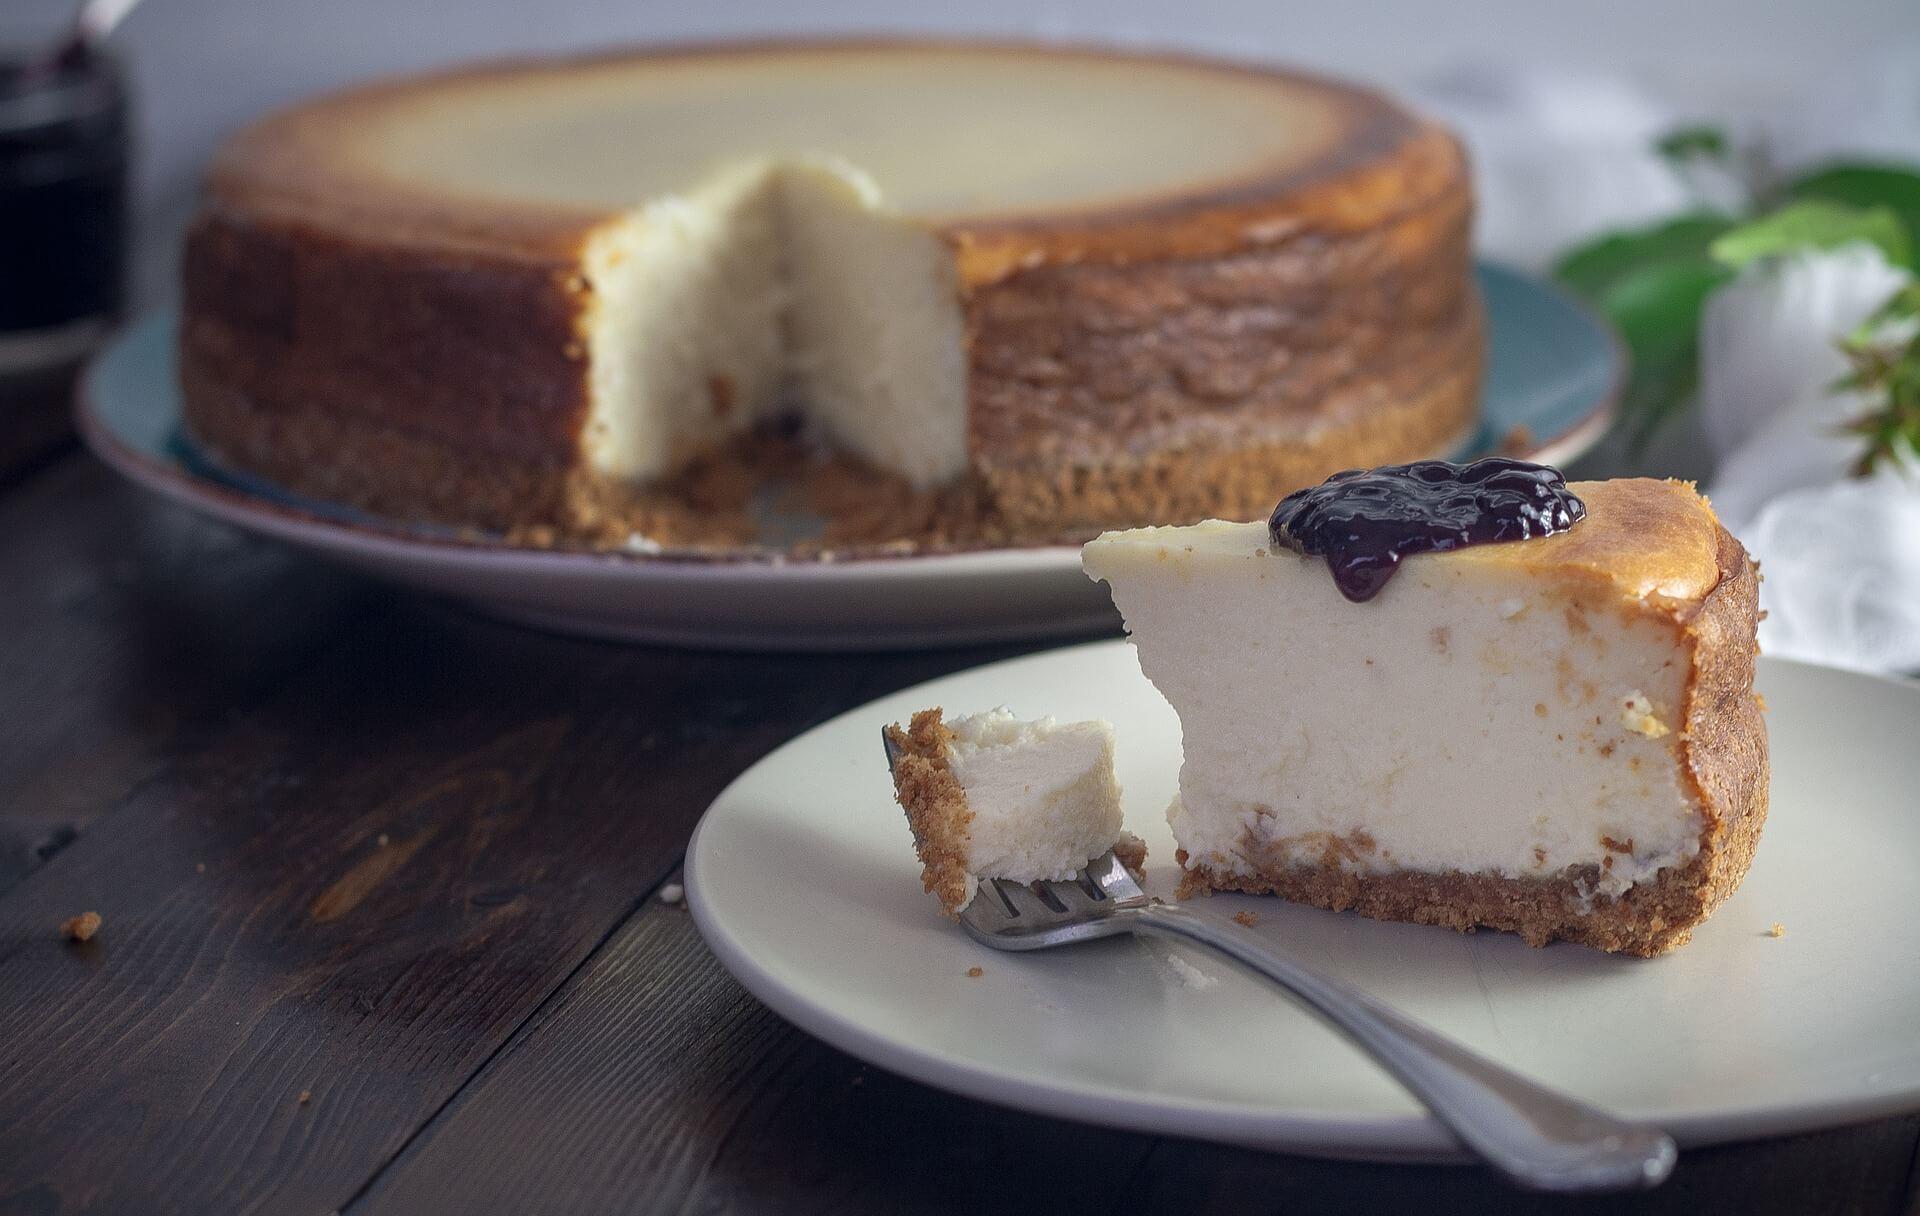 Ein köstlich aussehendes Stück Käsekuchen mit Blaubeeren